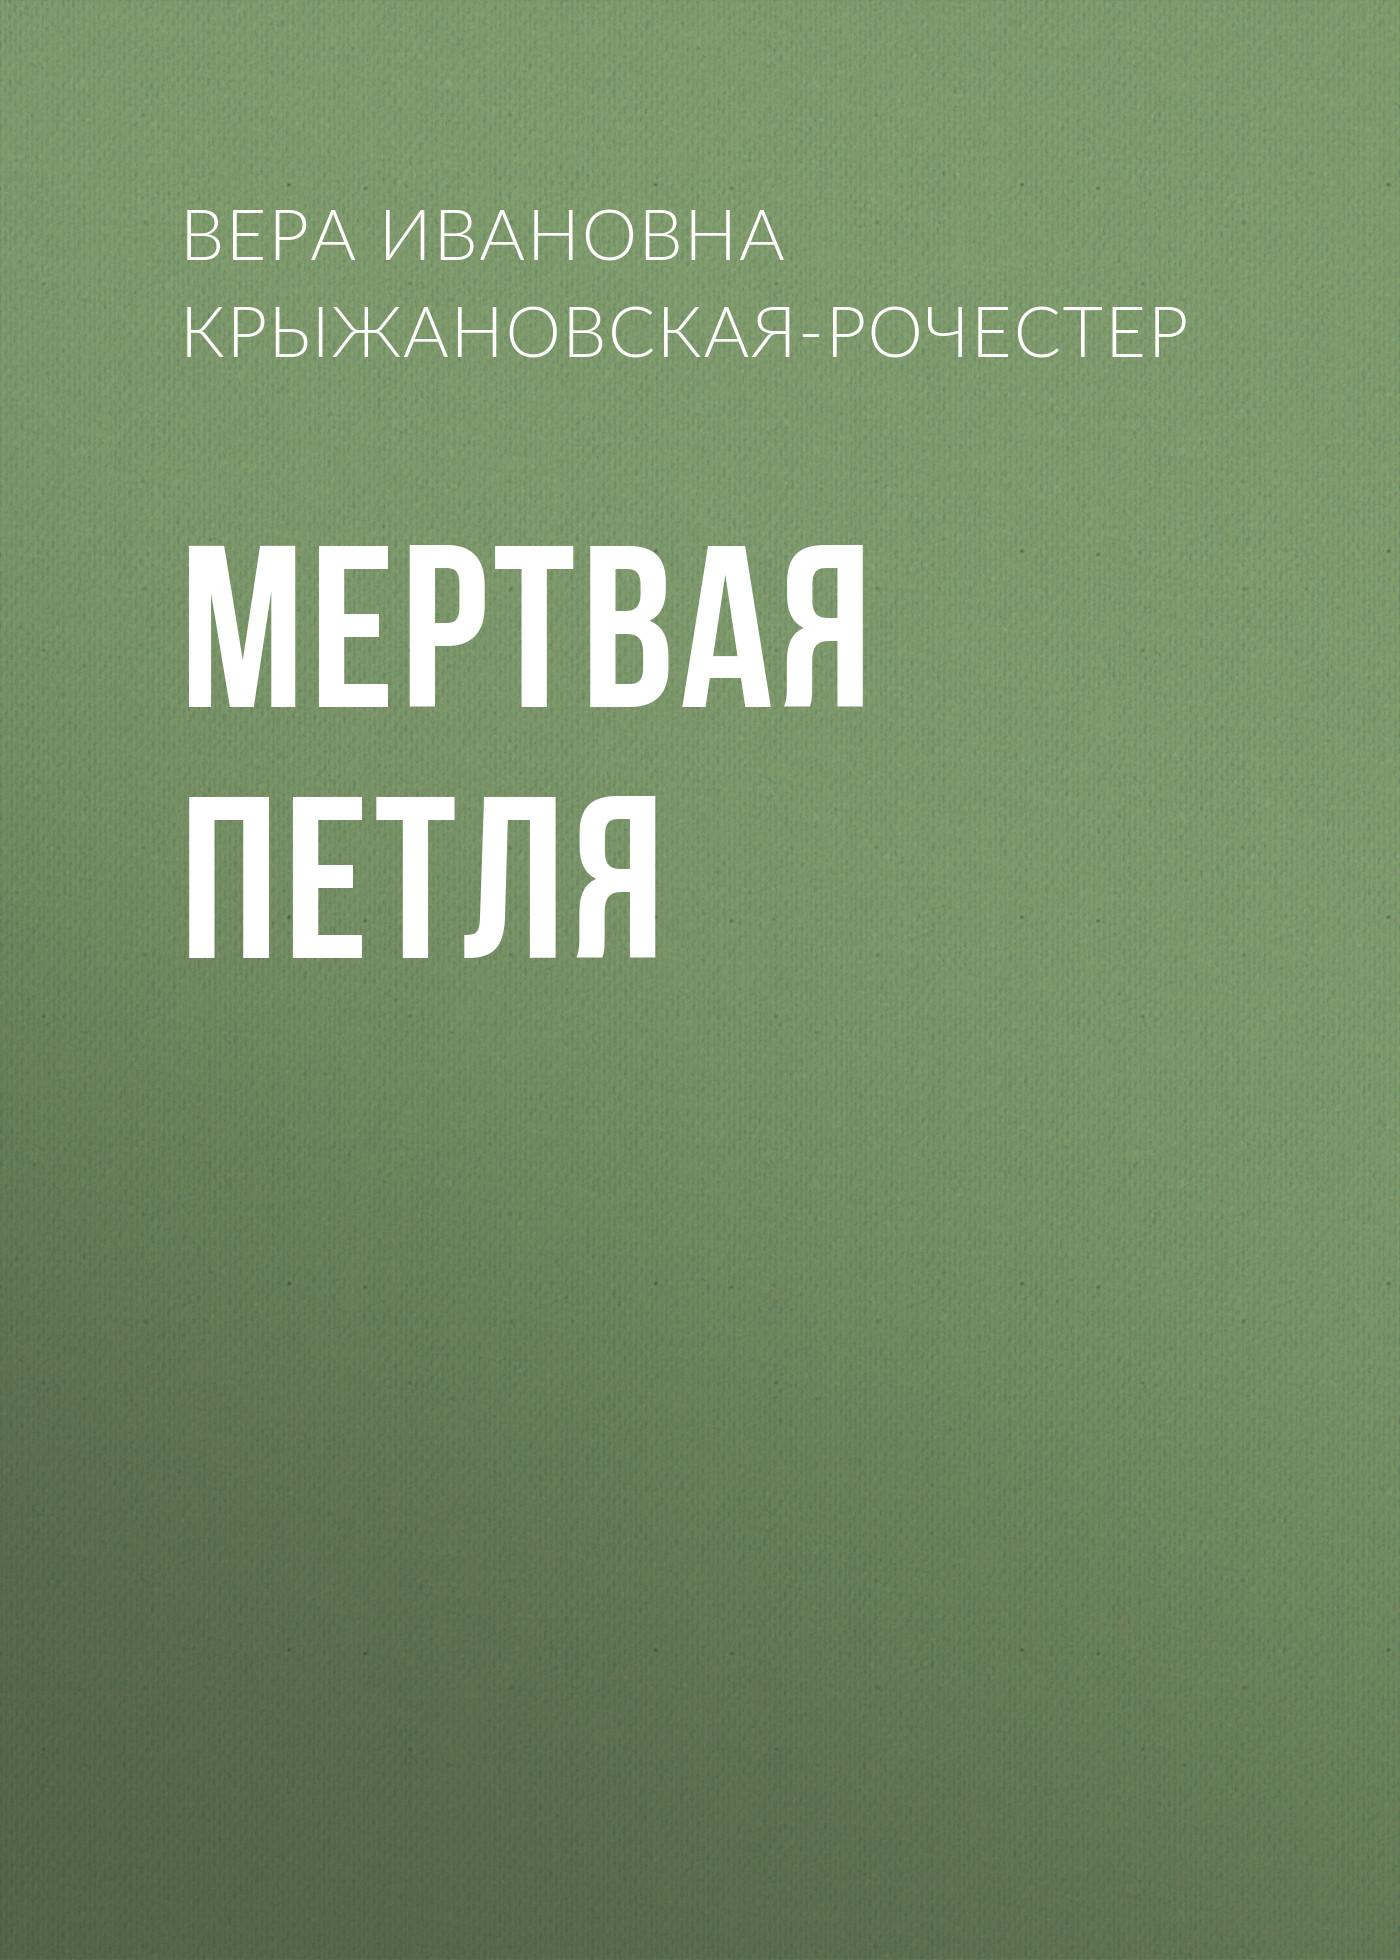 Купить книгу Мертвая петля, автора Веры Ивановны Крыжановской-Рочестер